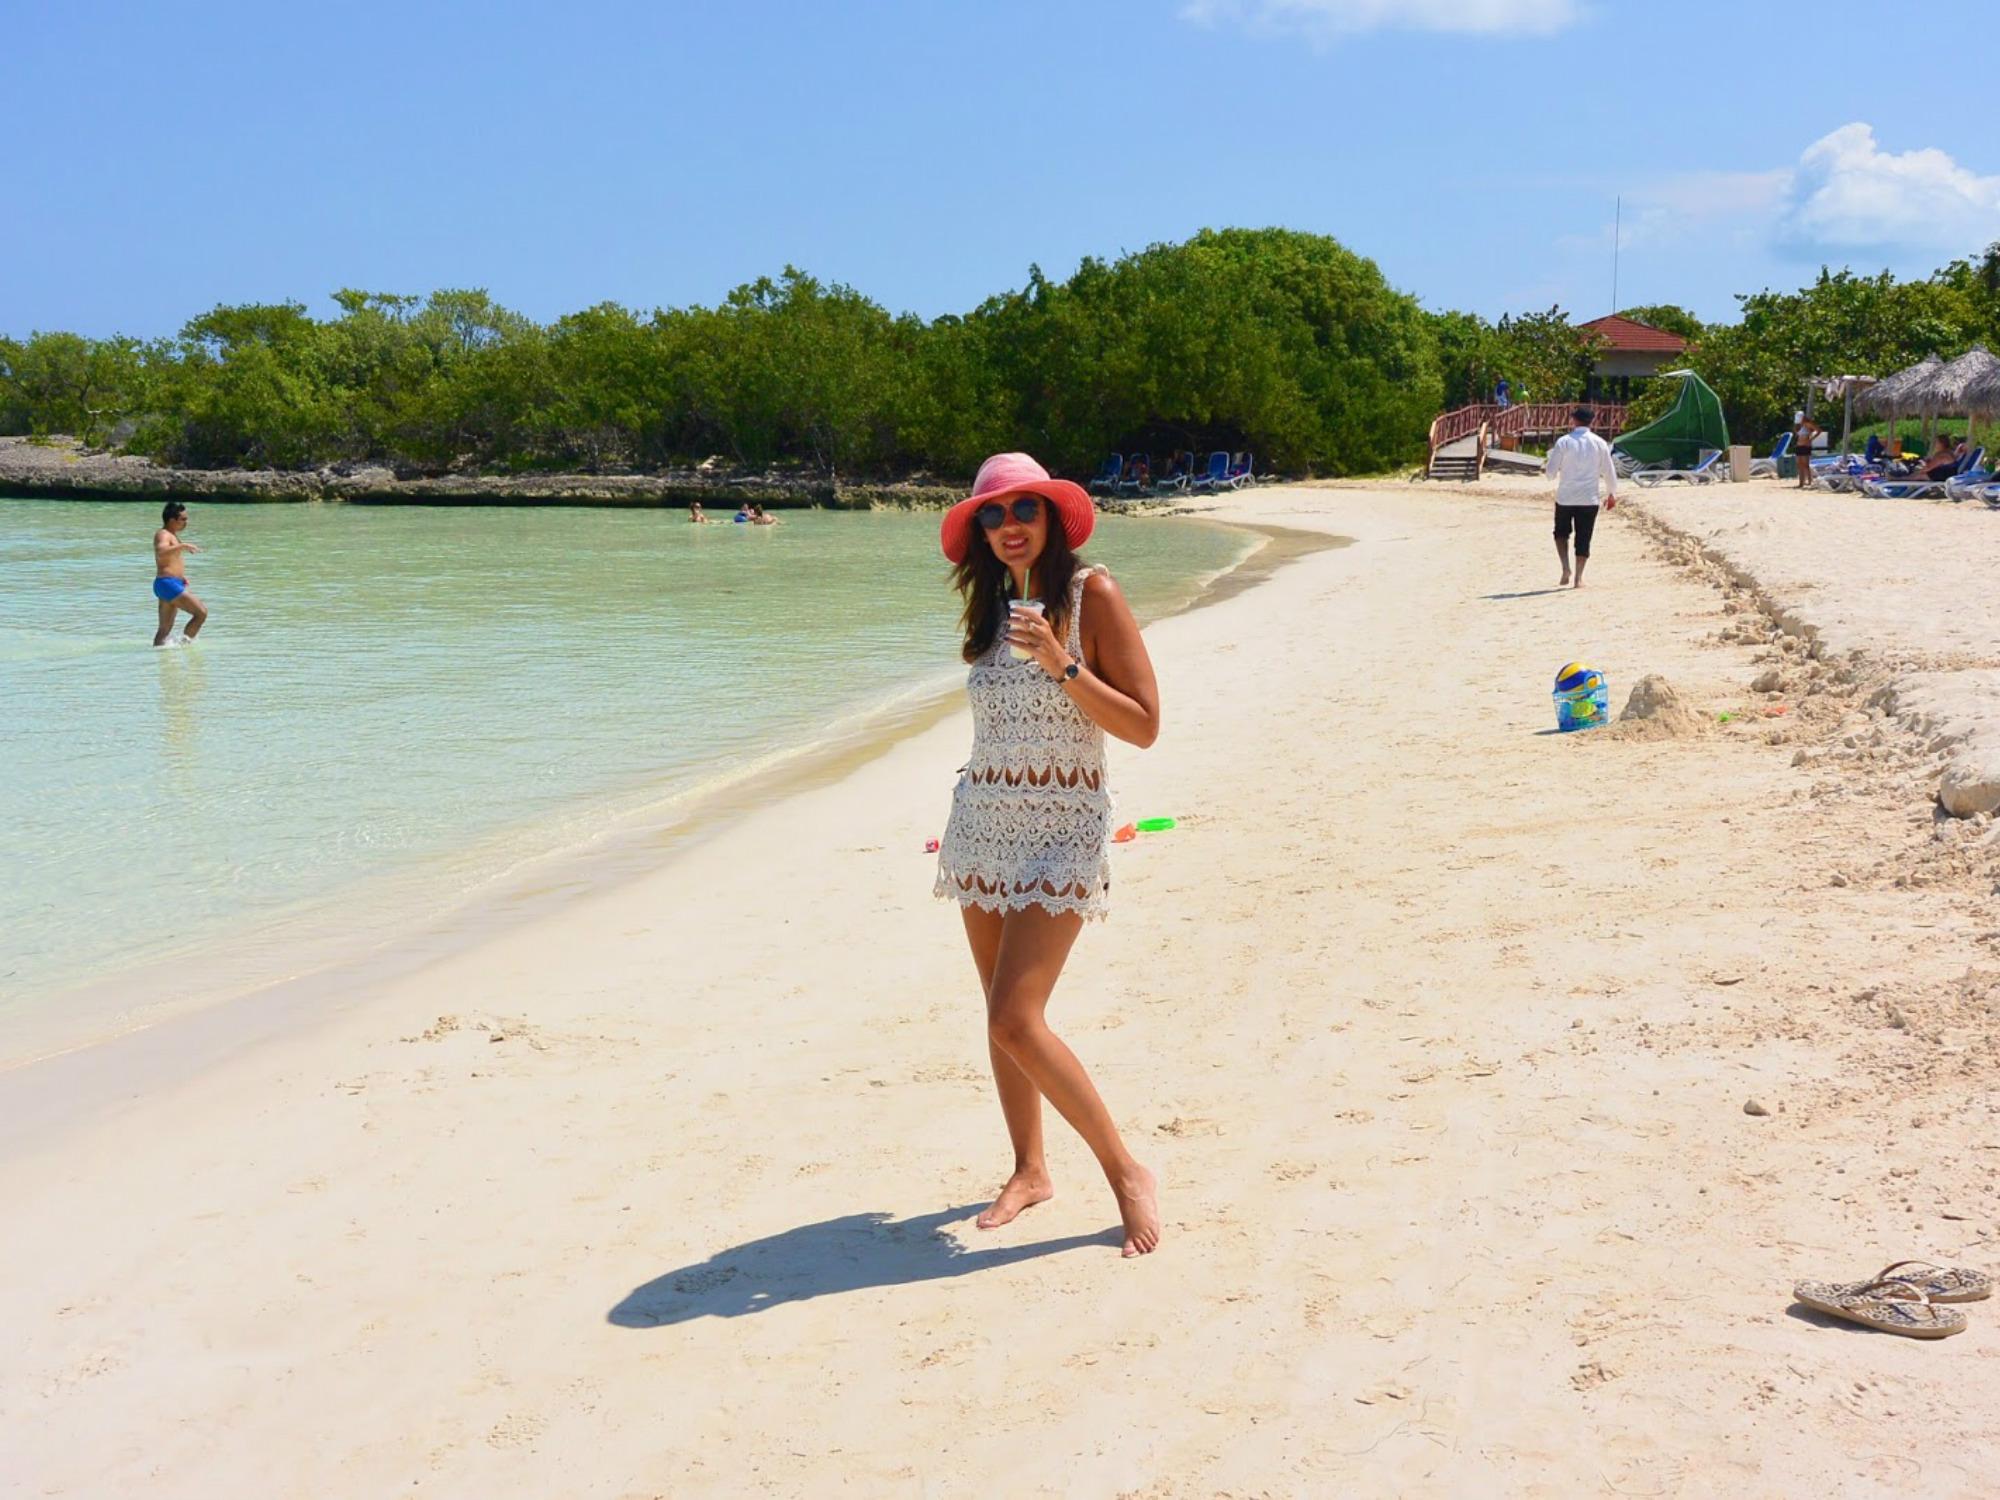 Nadia viajando y viviendo la vida